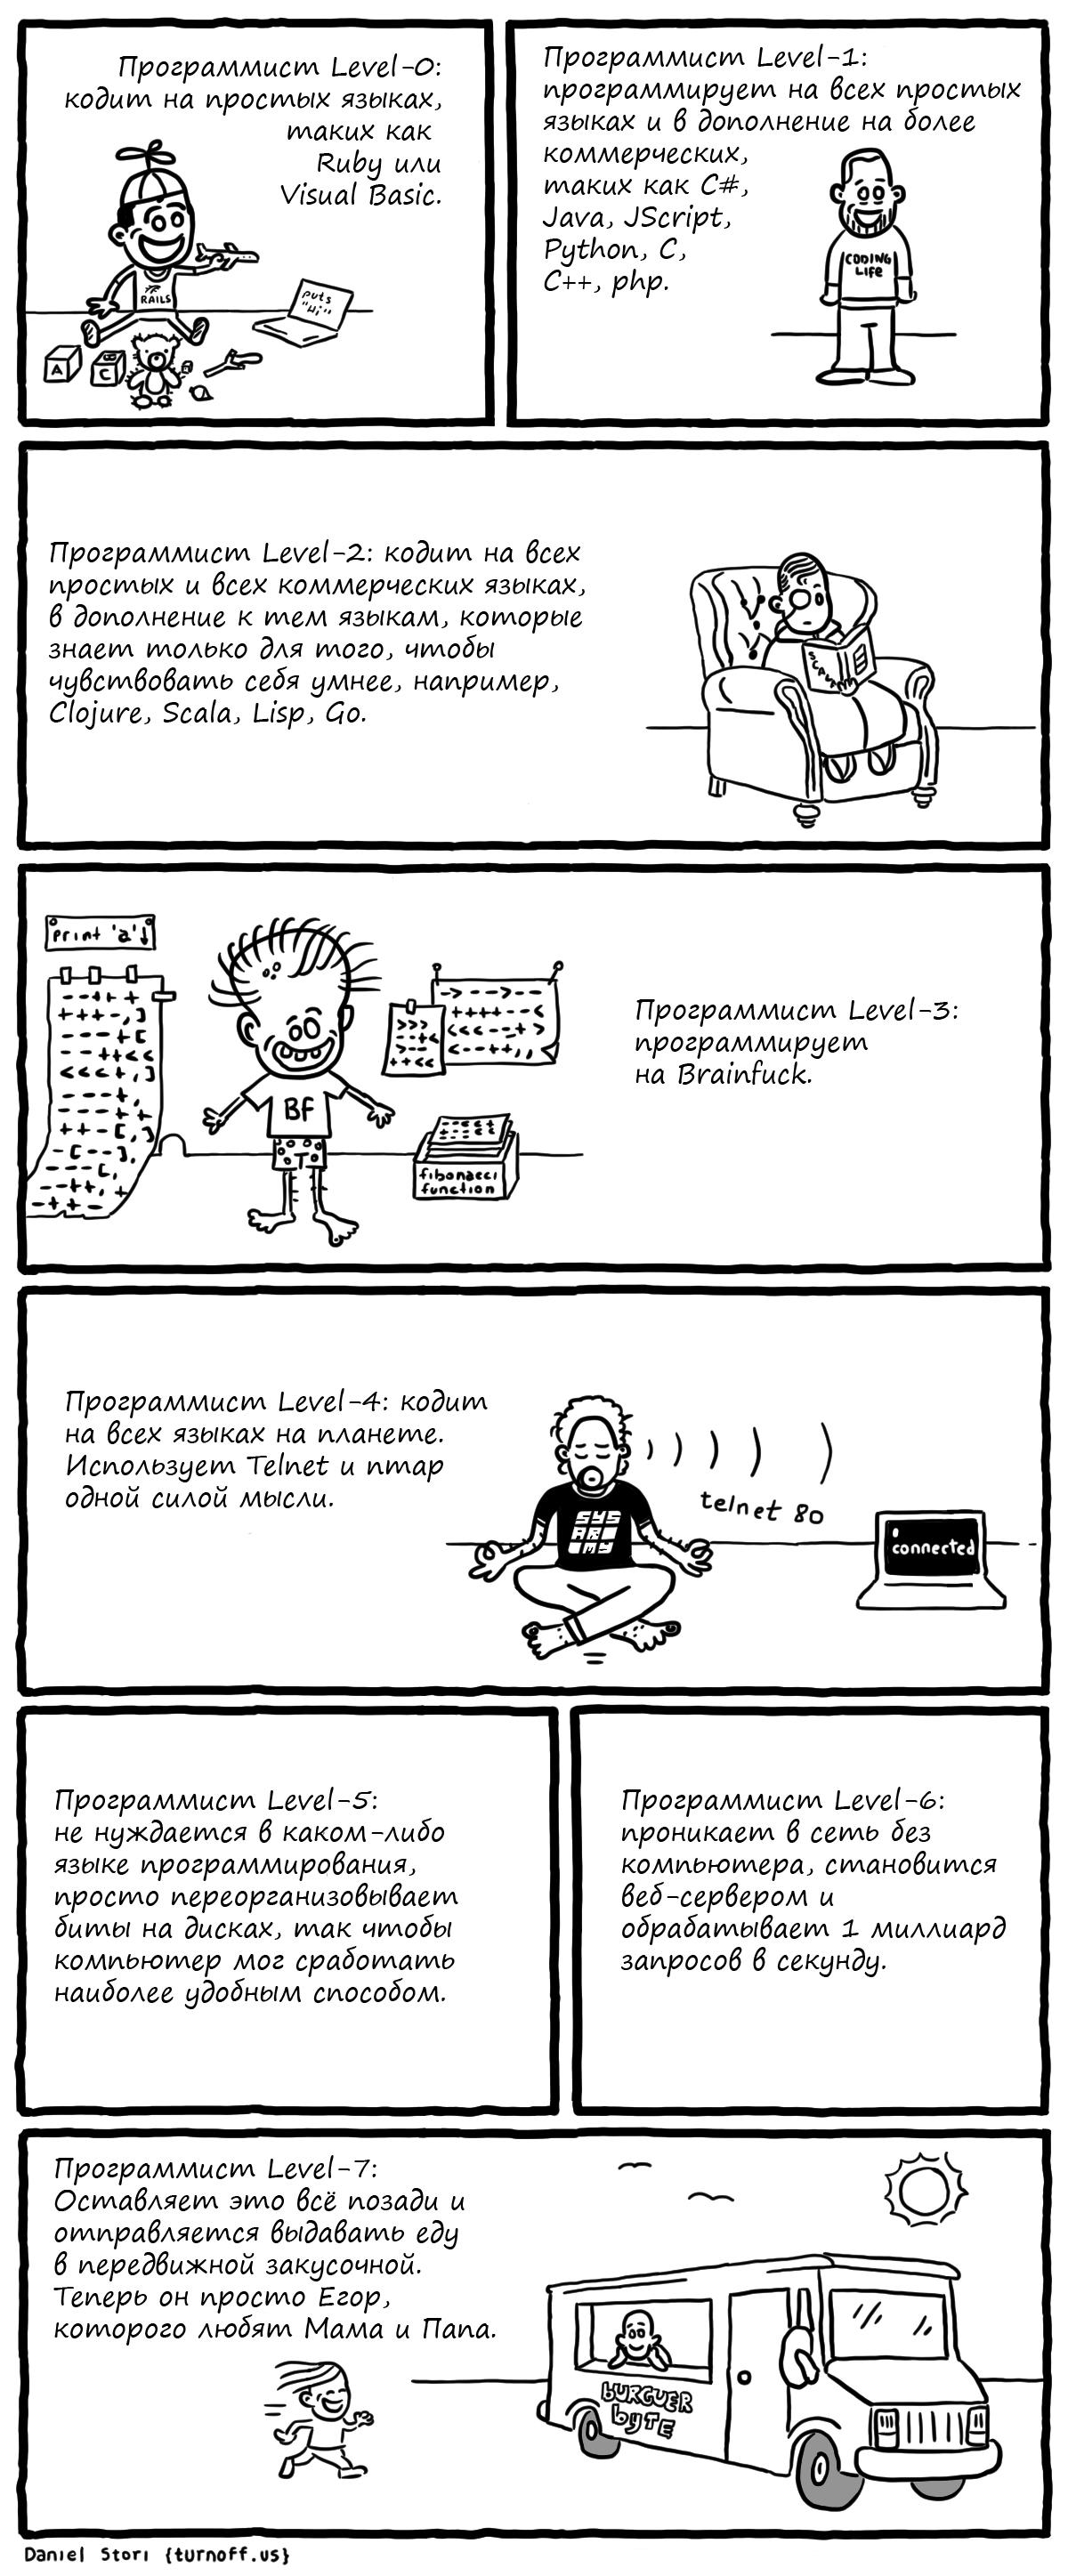 Комиксы Даниэля Стори (часть 2) - 2